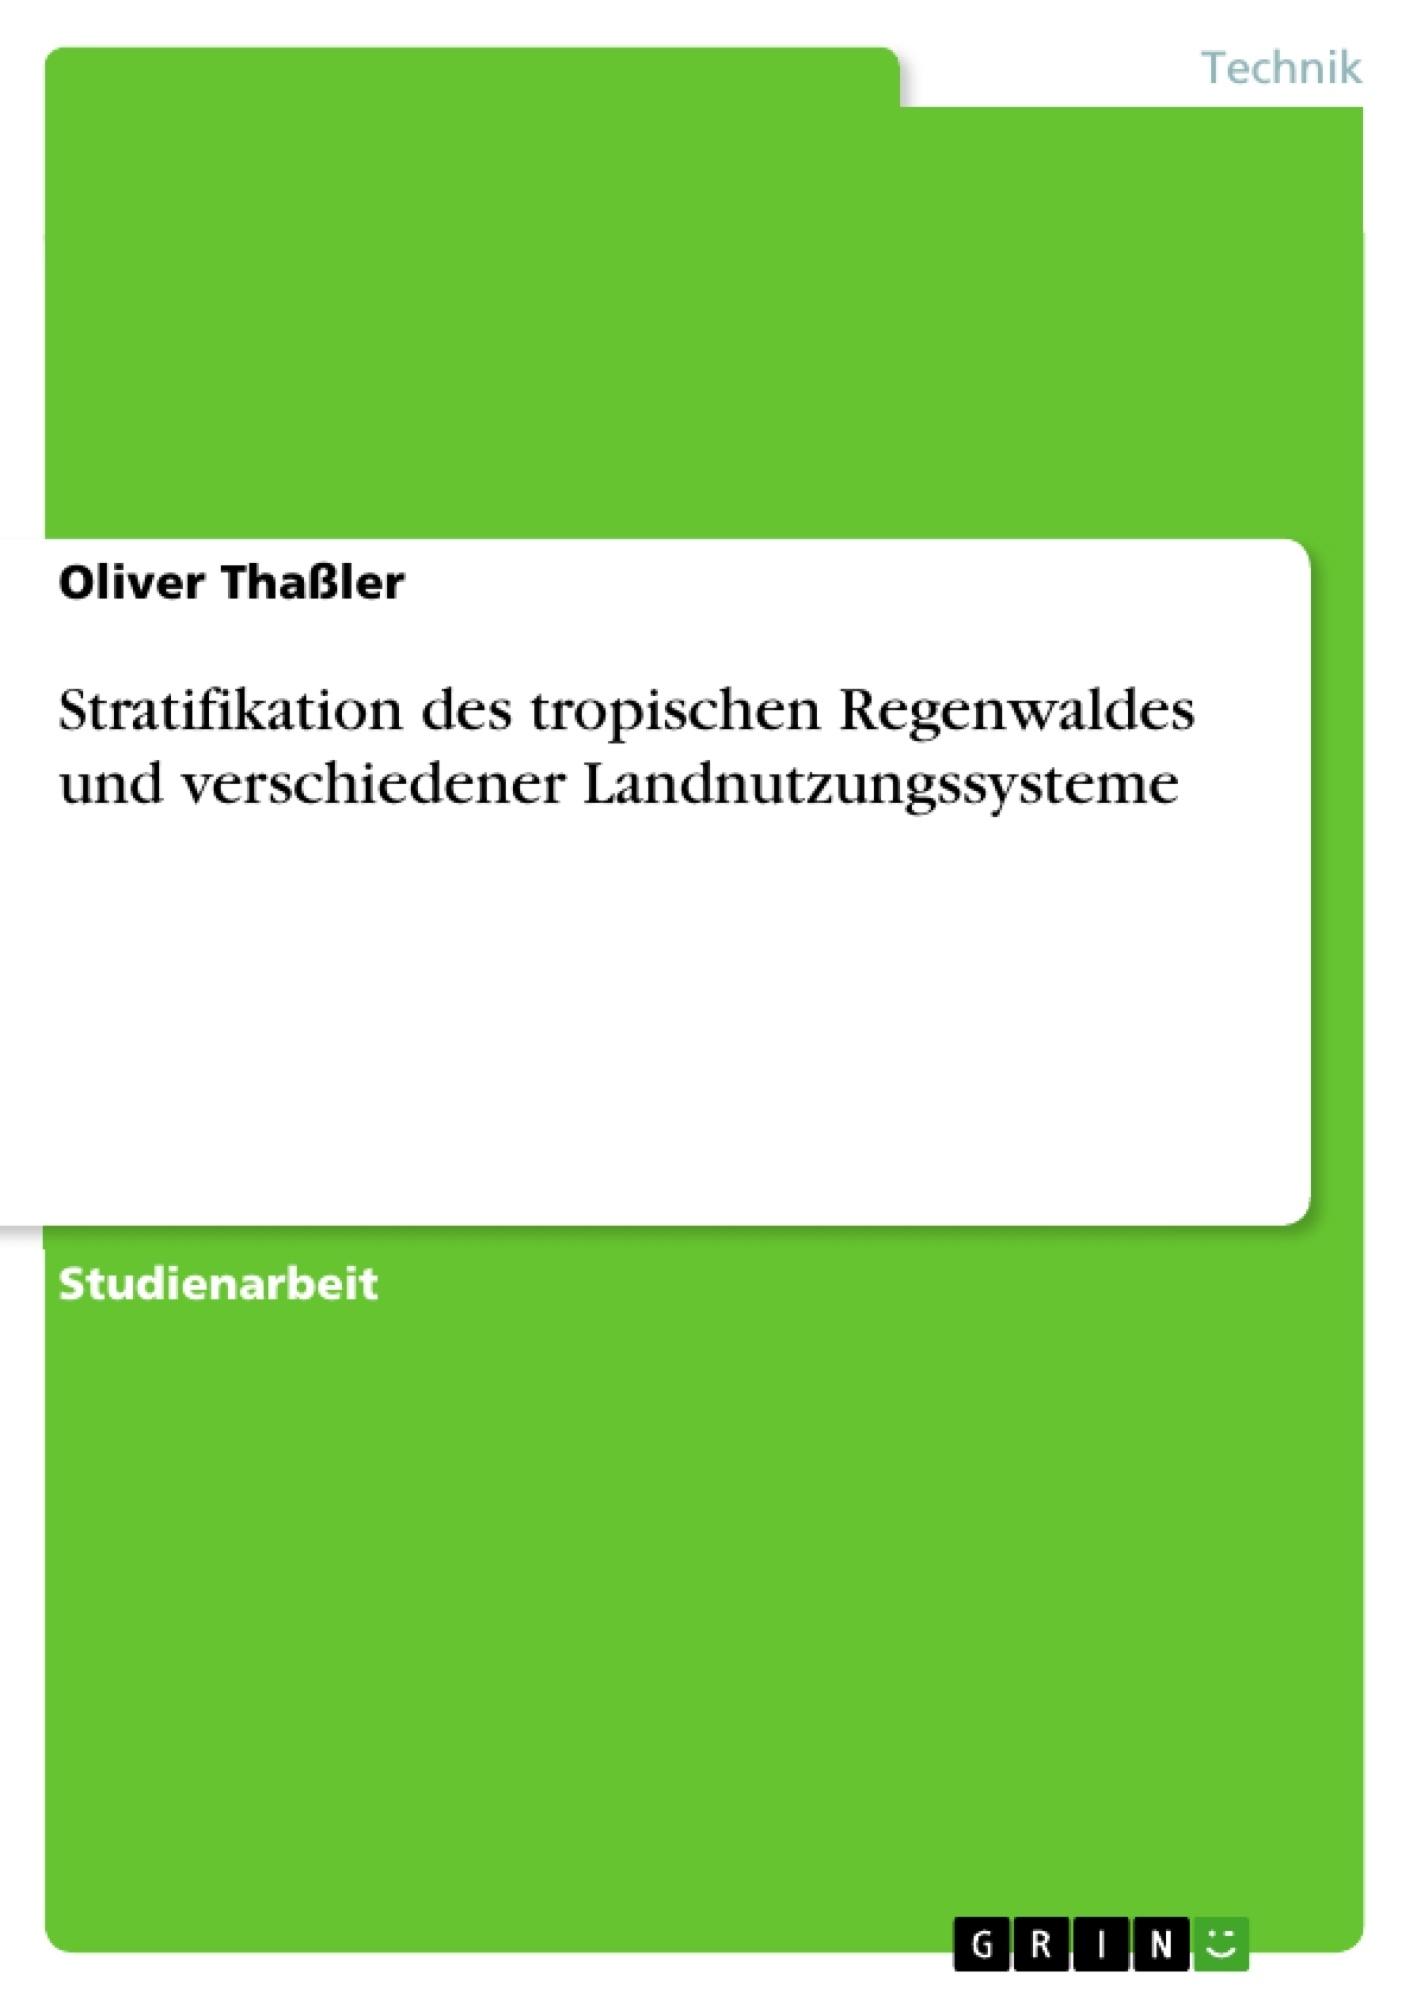 Titel: Stratifikation des tropischen Regenwaldes und verschiedener Landnutzungssysteme